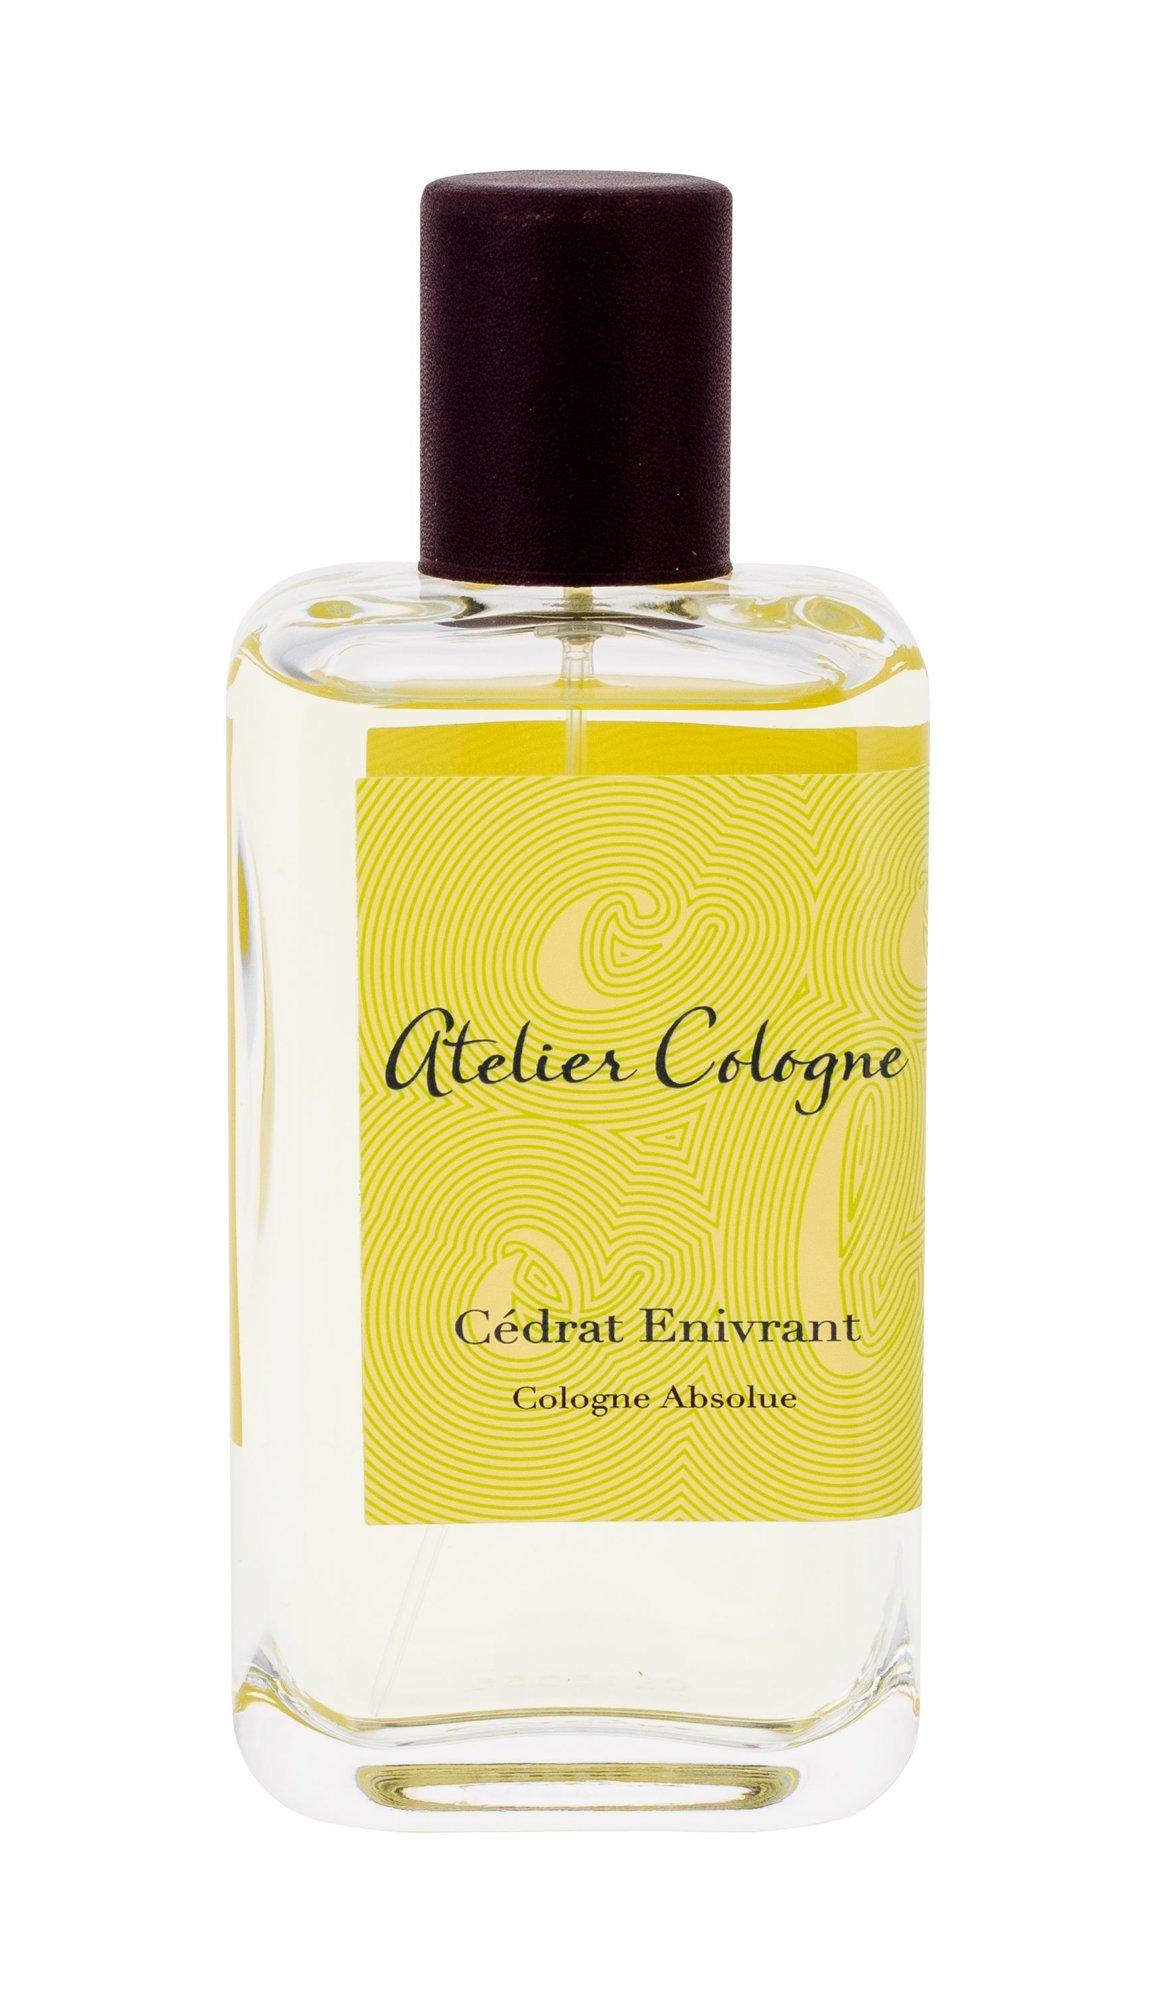 Atelier Cologne Cédrat Enivrant Perfume 100ml